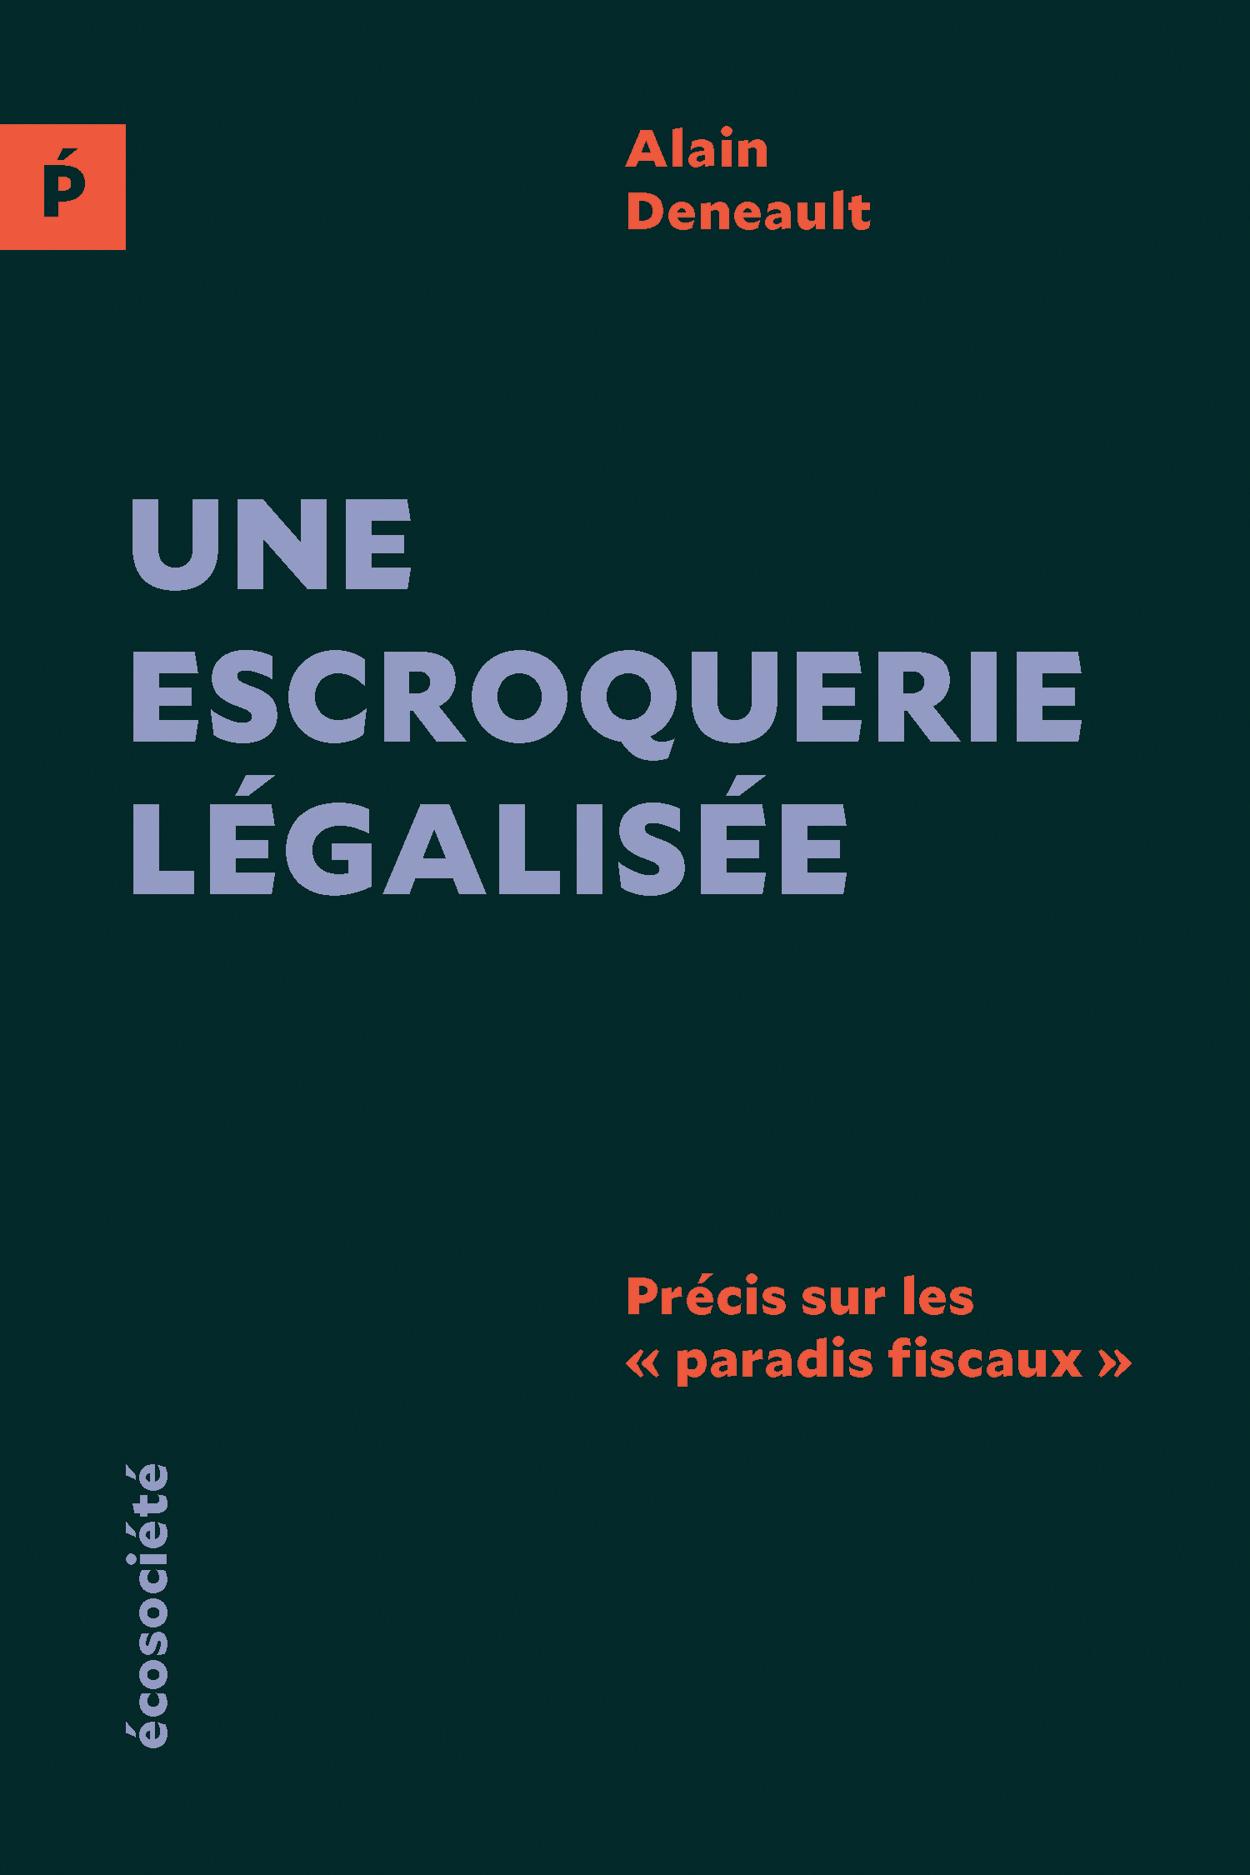 Une escroquerie légalisée (...